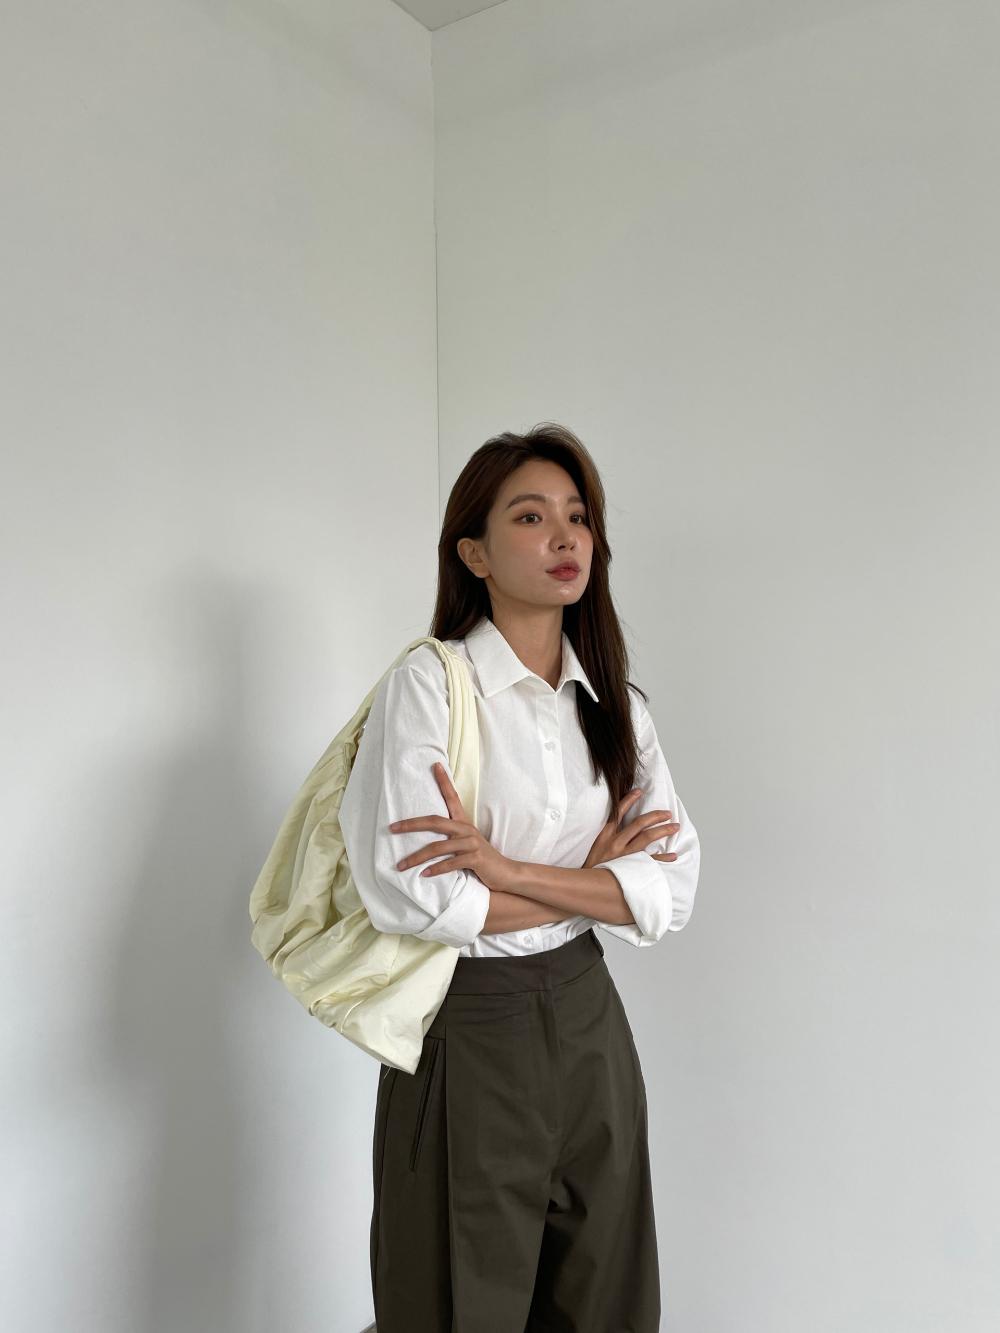 재킷 모델 착용 이미지-S3L36